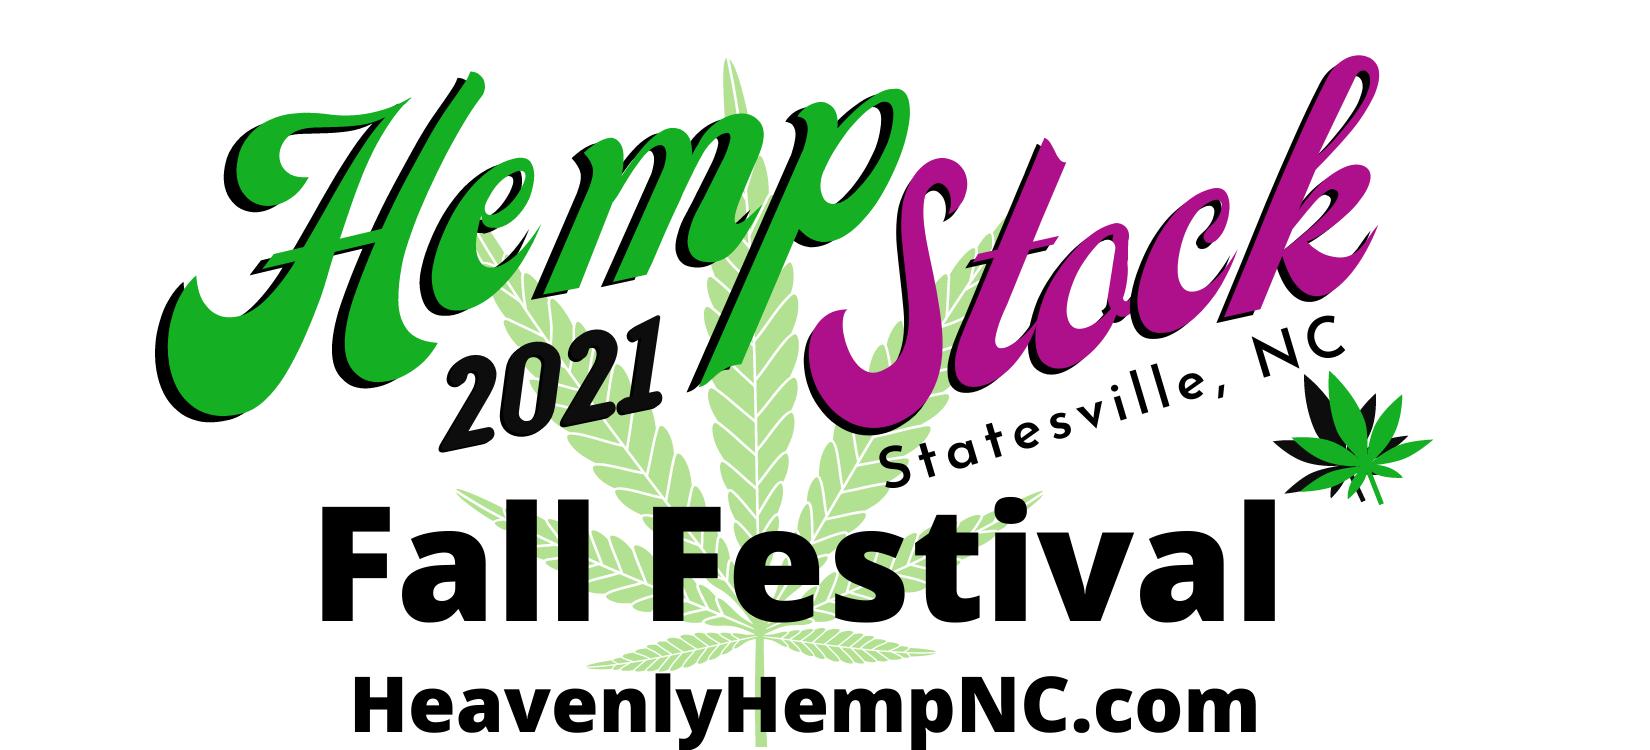 Hemp-Stock Fall Festival